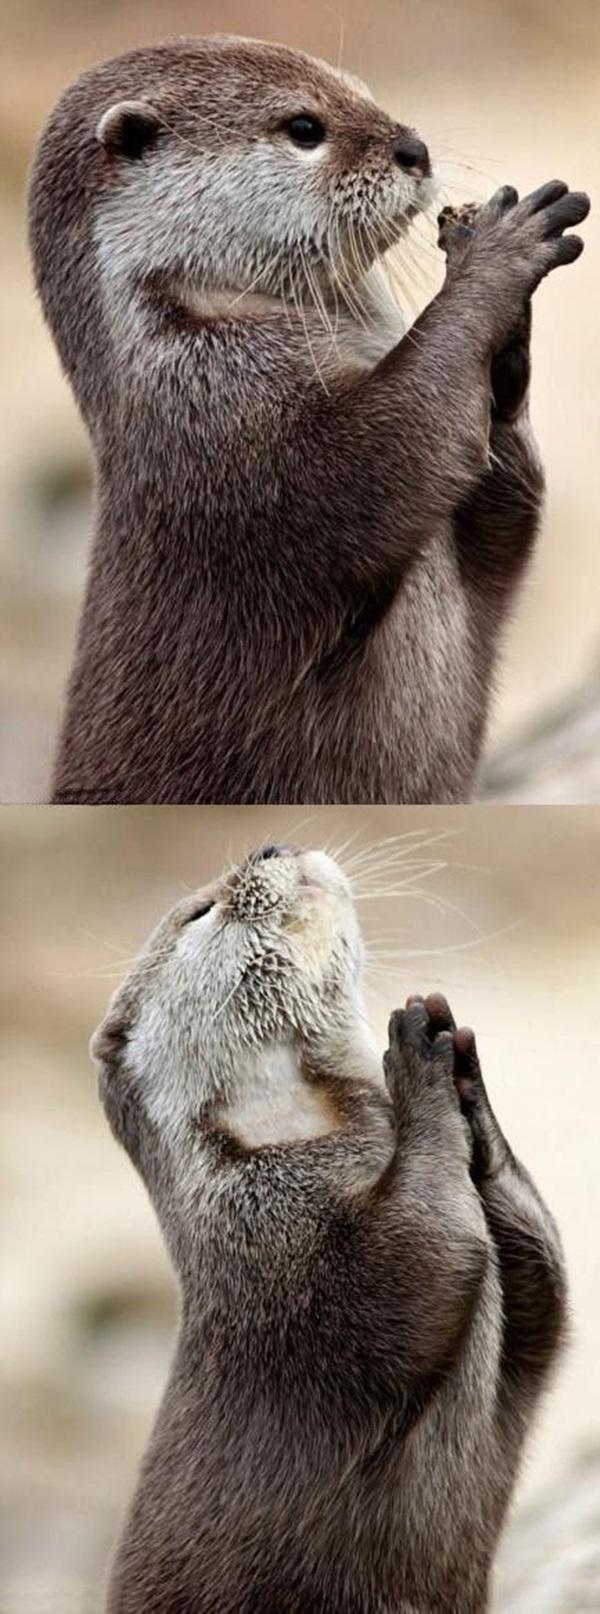 神よ! 天に祈るようなしぐさが人間みたいでかわいすぎるカワウソ(笑)animal_0108